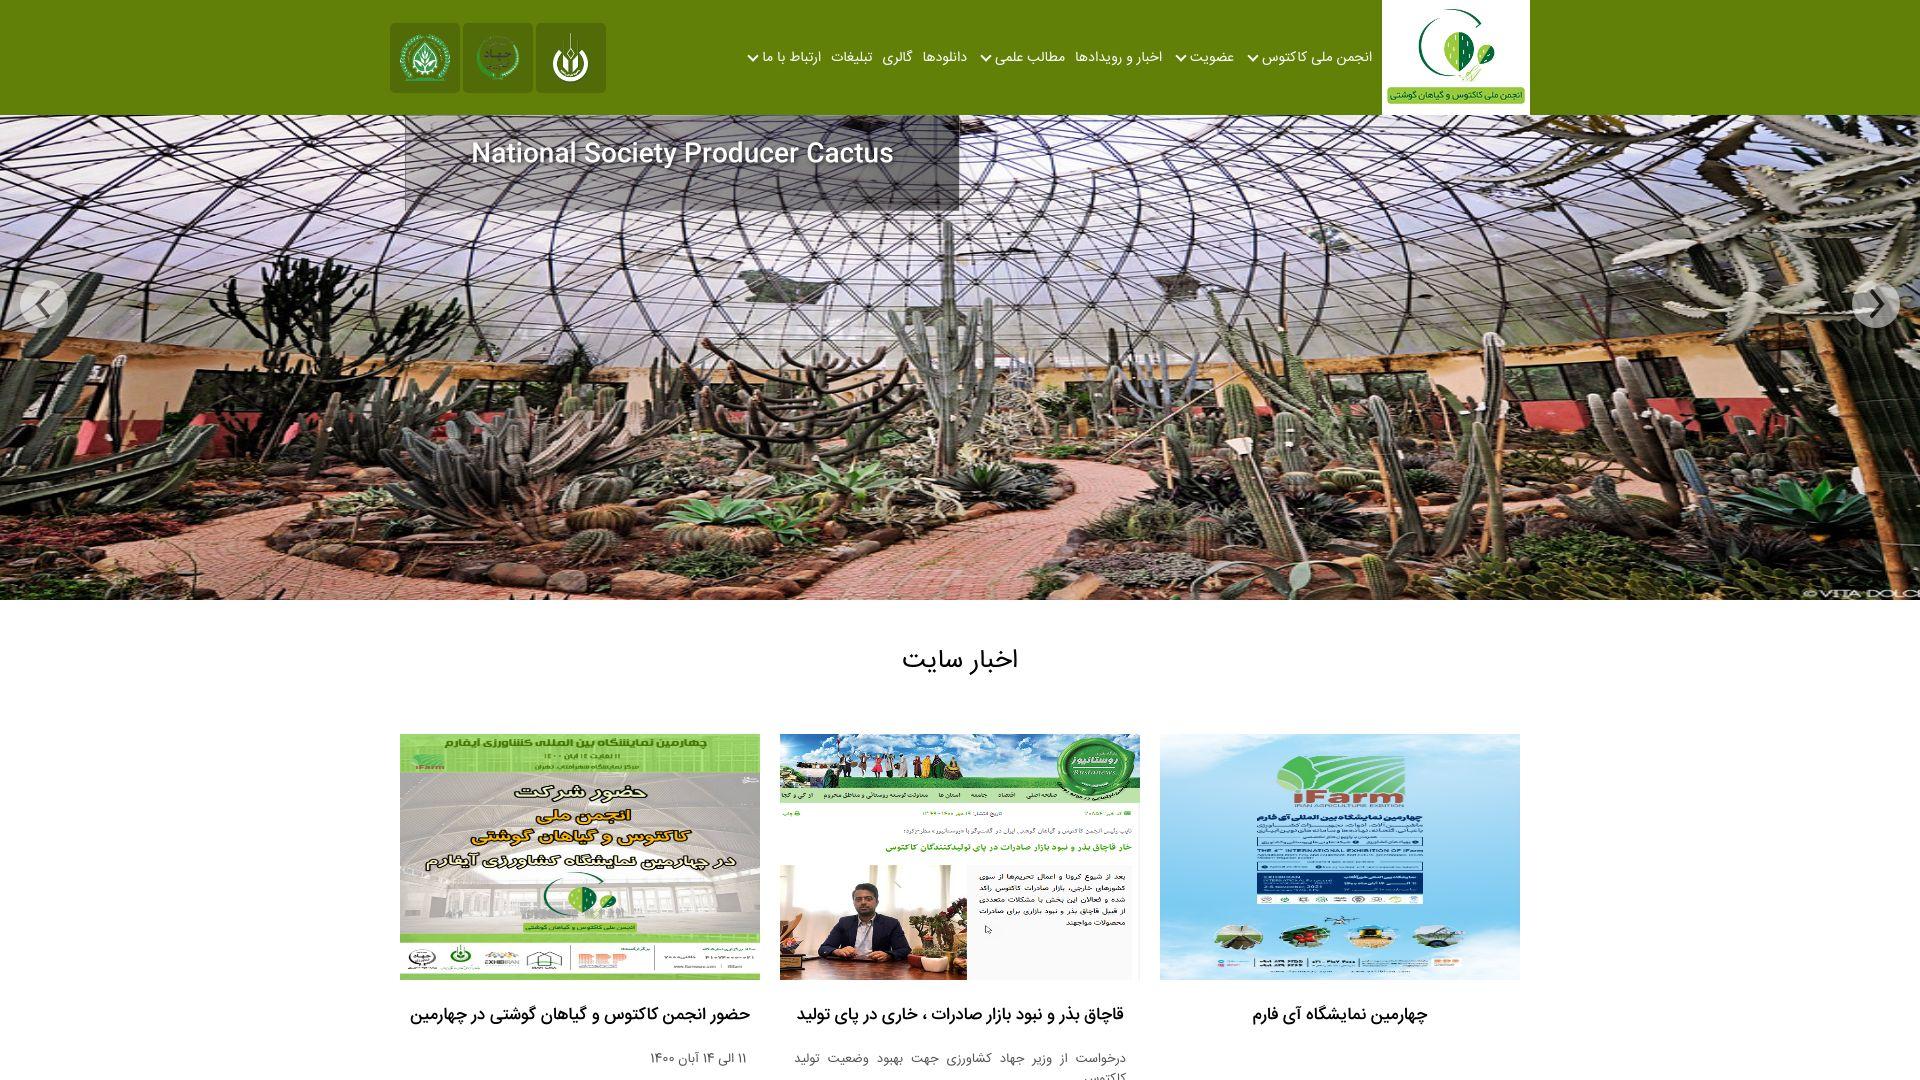 طراحی سايت انجمن ملی کاکتوس و گیاهان گوشتی